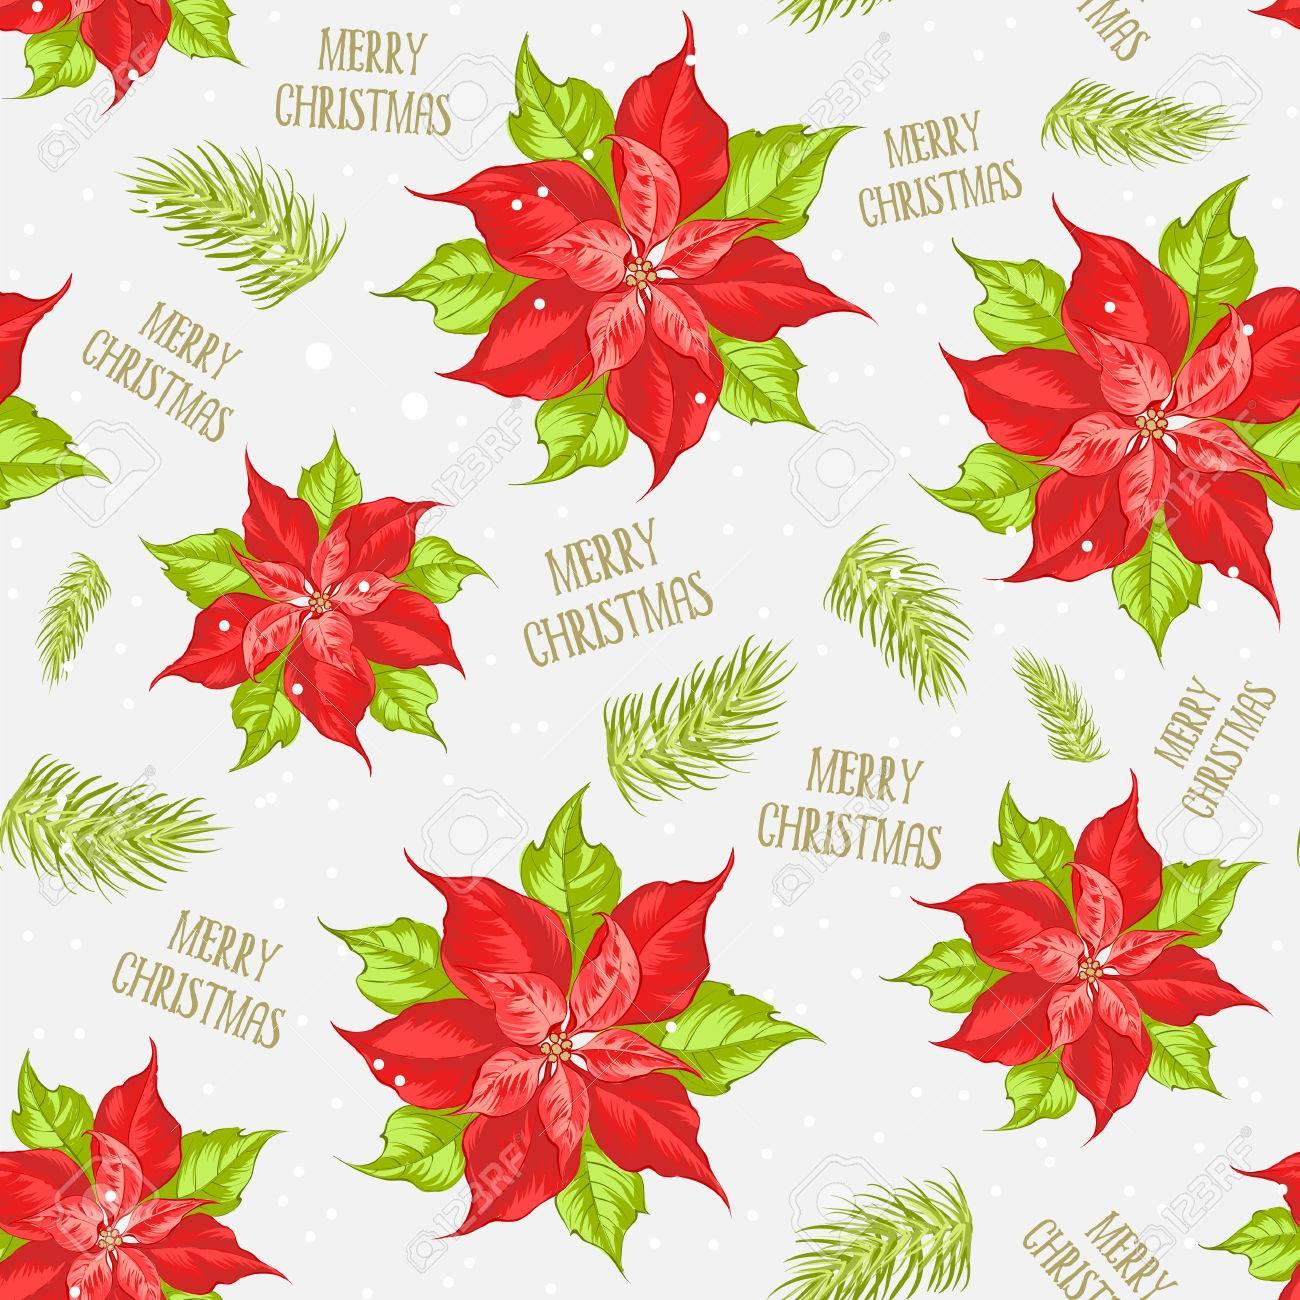 Stella Di Natale Cartamodello.Fiore Rosso Poinsettia Priorita Bassa Senza Giunte Di Natale Con La Stella Di Natale Modello Senza Cuciture Floreale Fatto A Mano Con La Stella Di